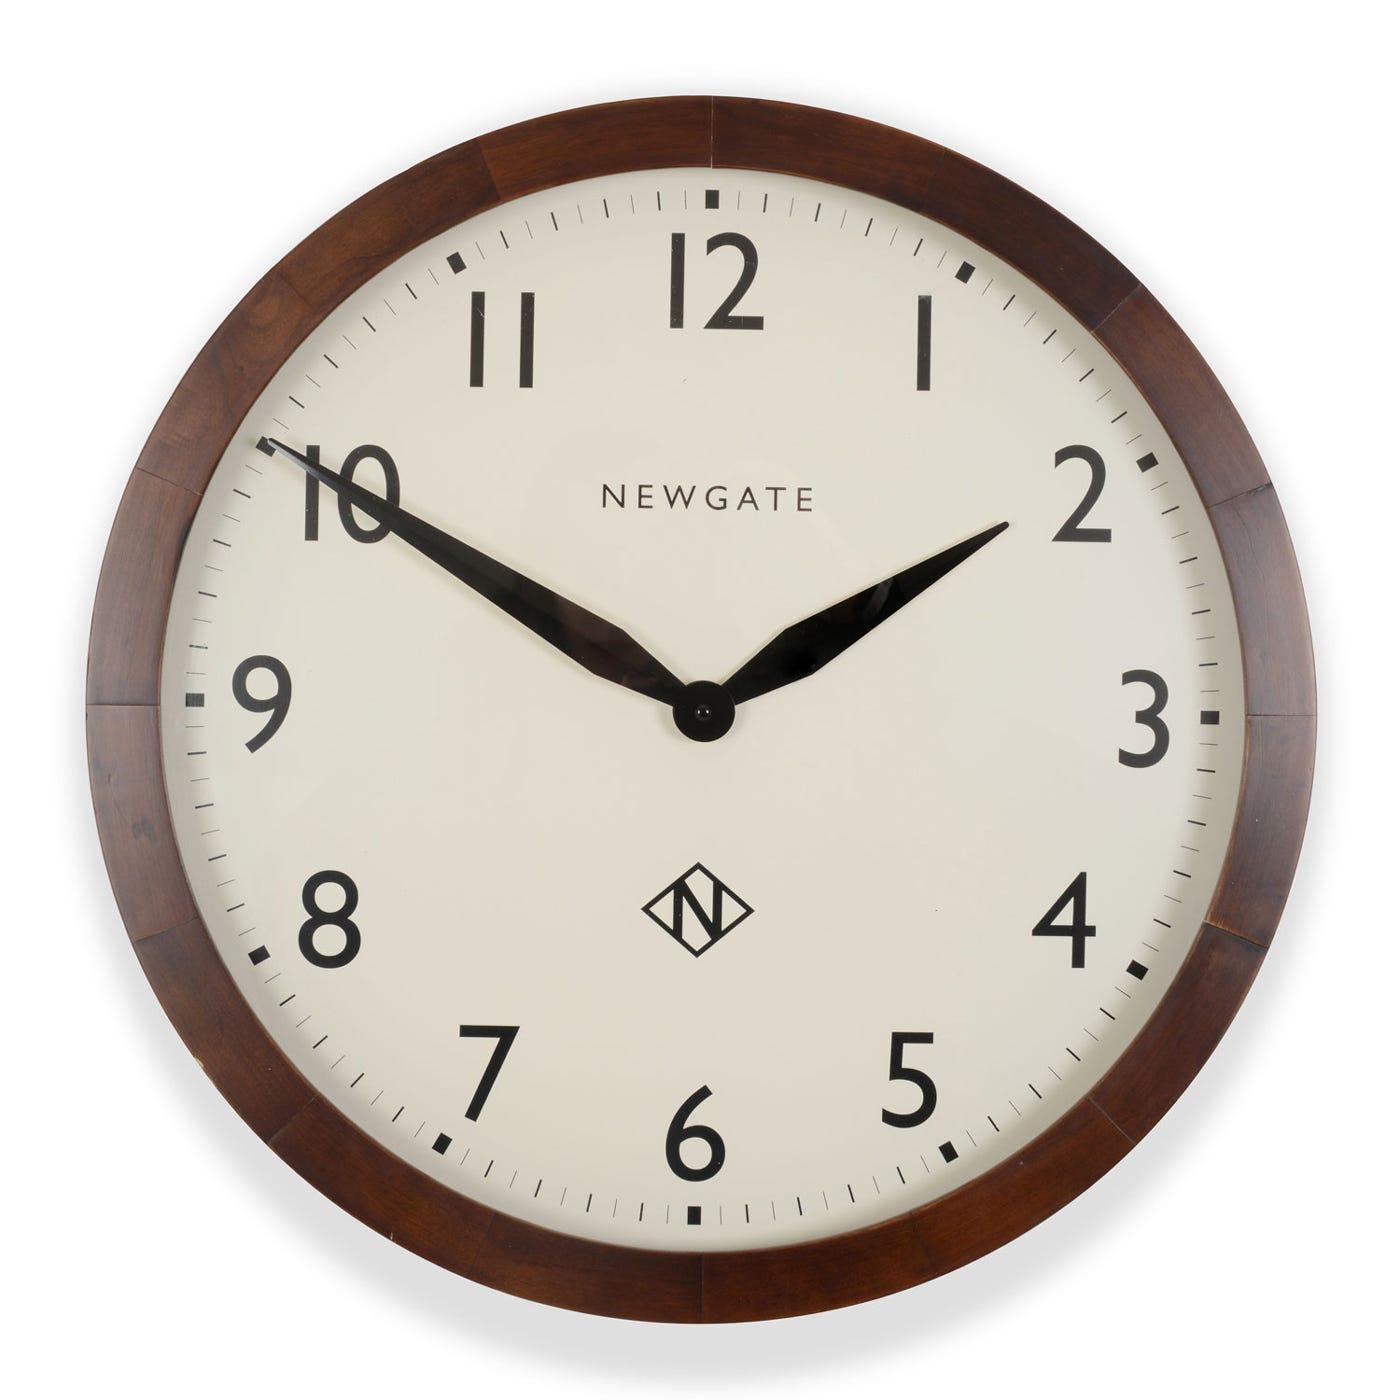 Billingsgate Large Wall Clock